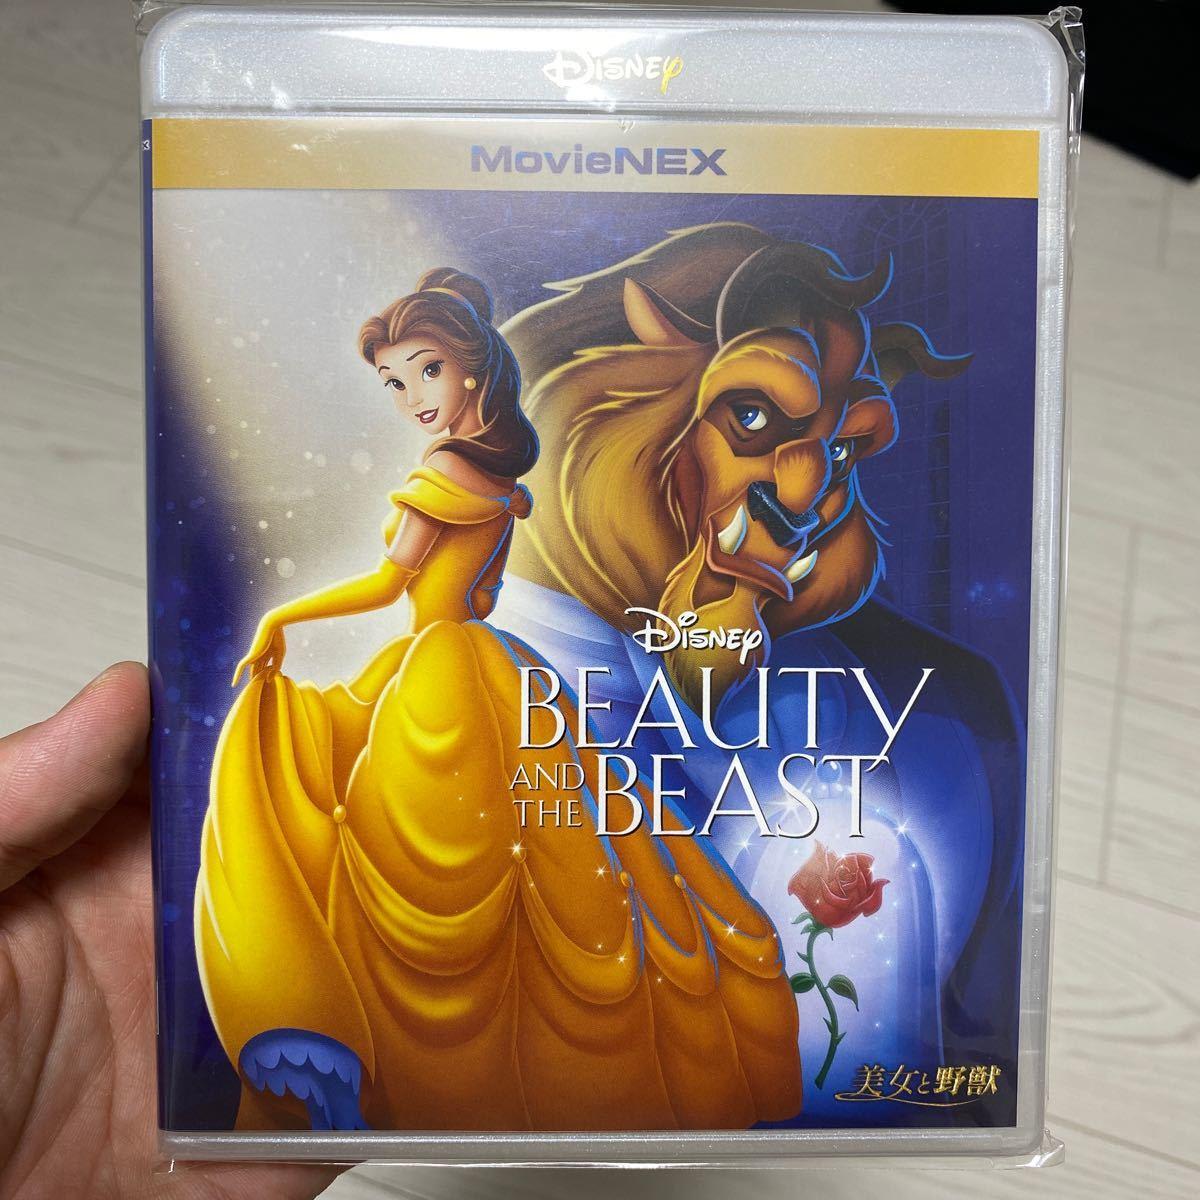 DVD MovieNEX 美女と野獣 ブルーレイ Blu-ray ディズニー